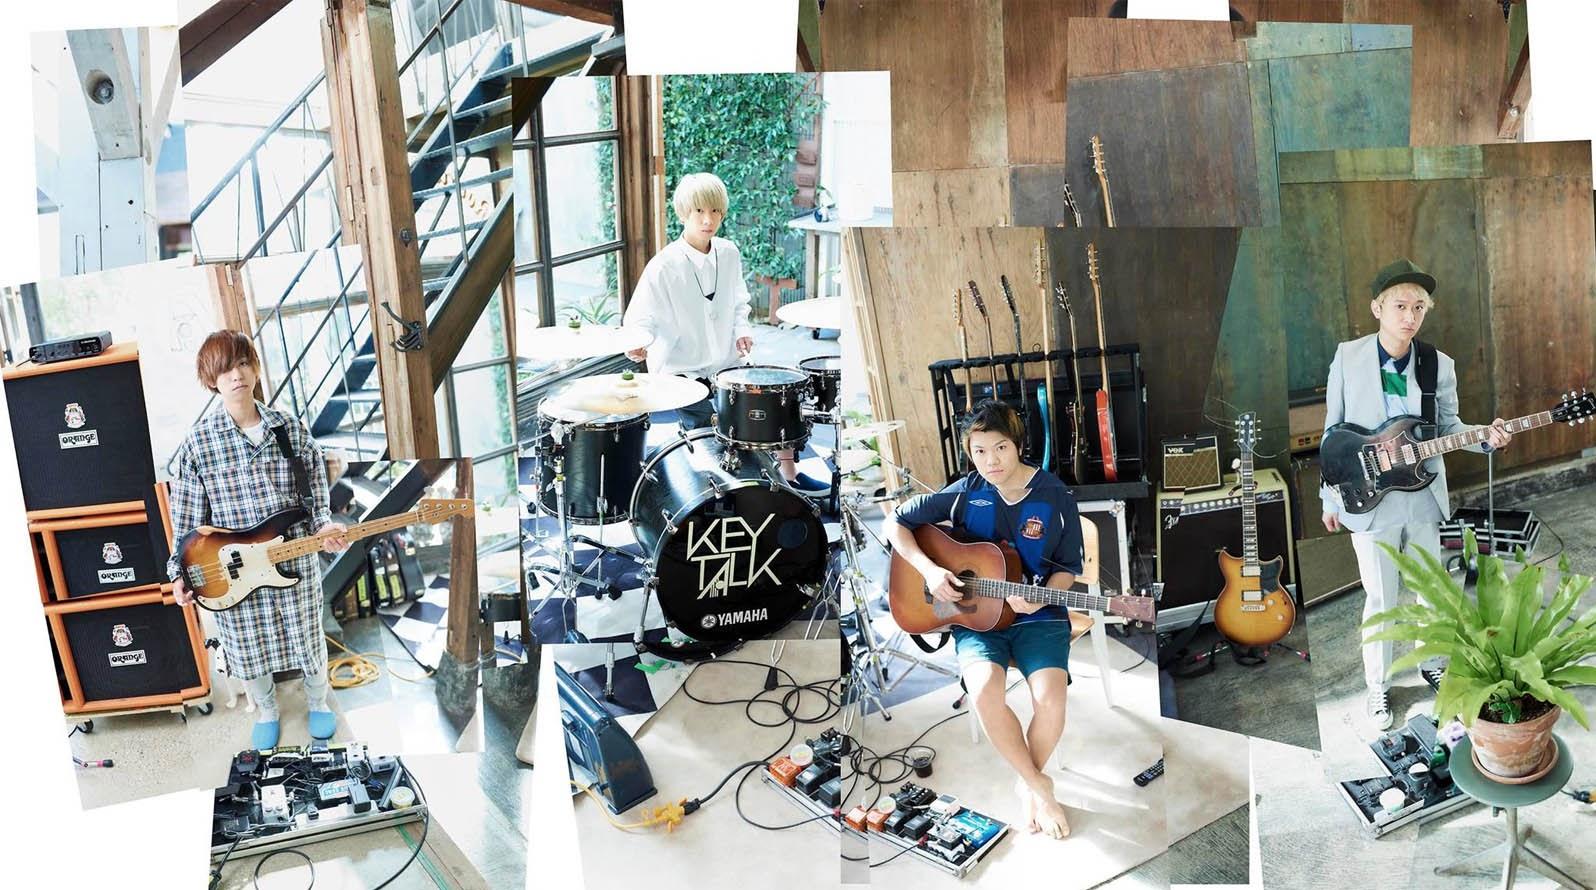 KEYTALK七月來台與大家相見 最新專輯《PARADISE》台壓發行